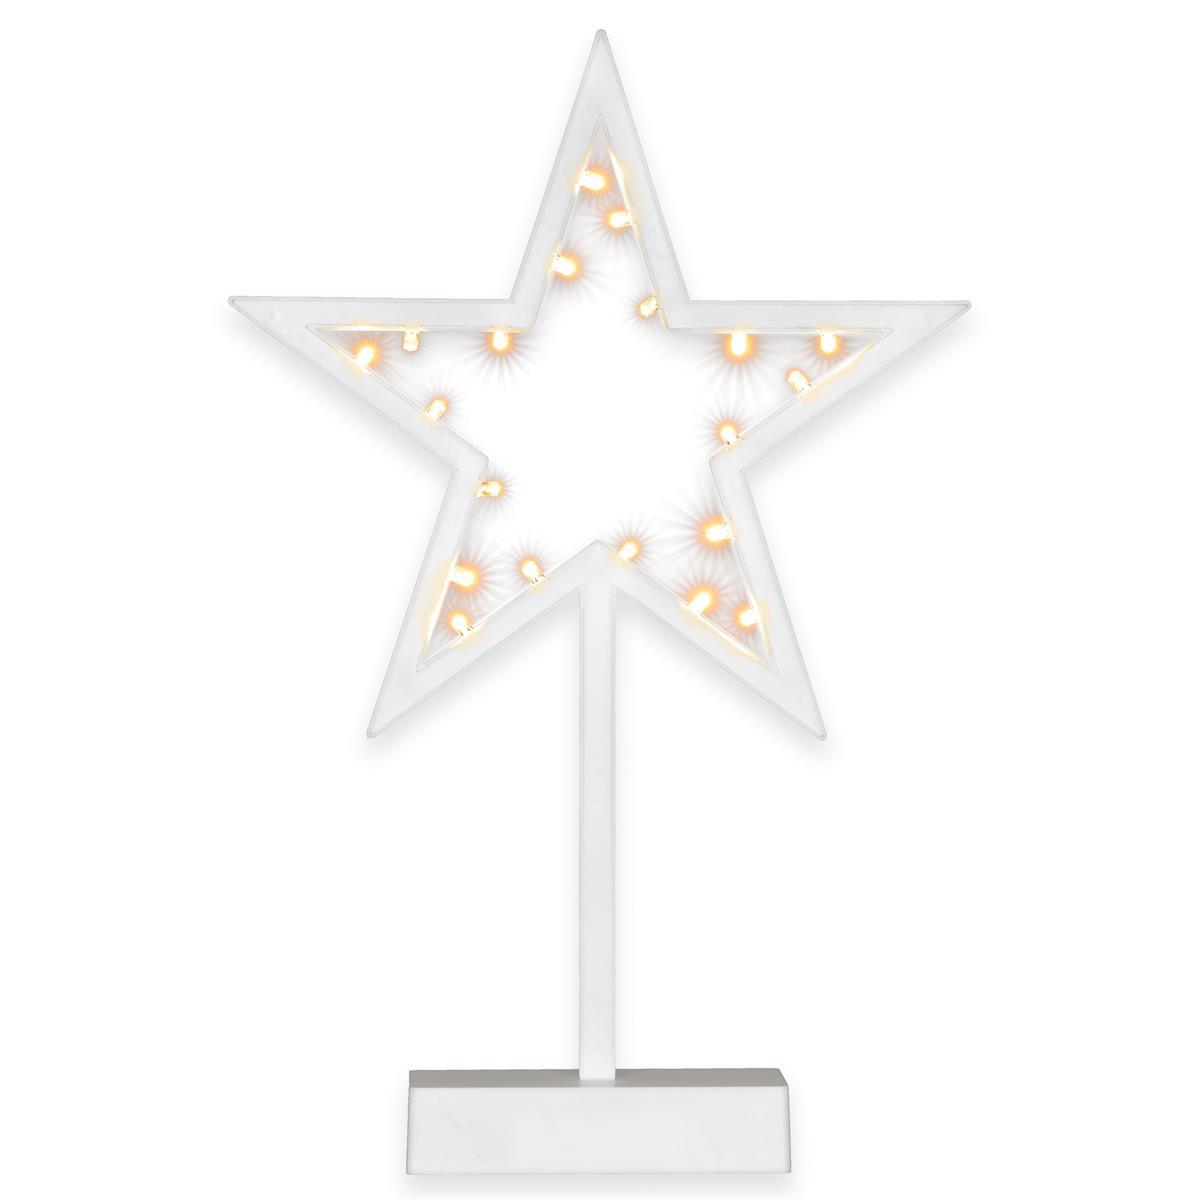 20 LED Dekoleuchte Stern warm weiß Weihnachtsstern Dekostern 38 cm Timer Batteri